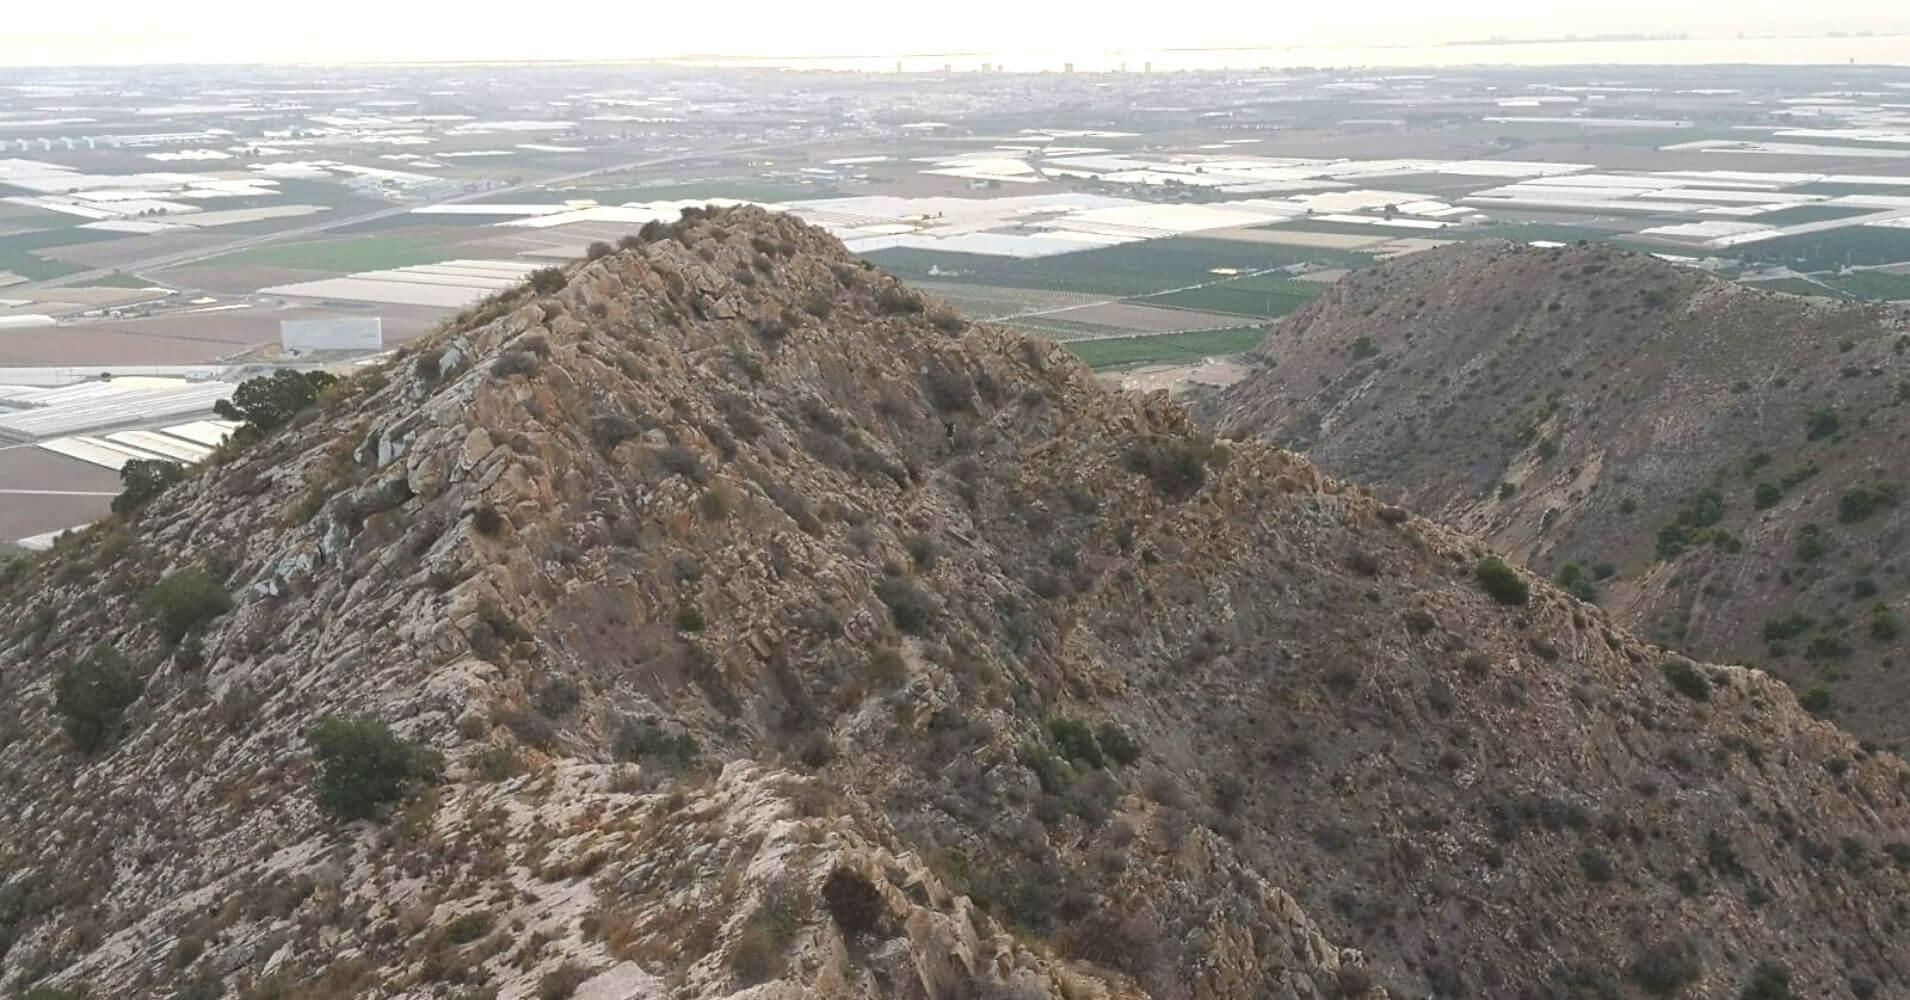 Panorámicas desde la Cumbre del Cabezo Gordo. Torre Pacheco, Murcia.